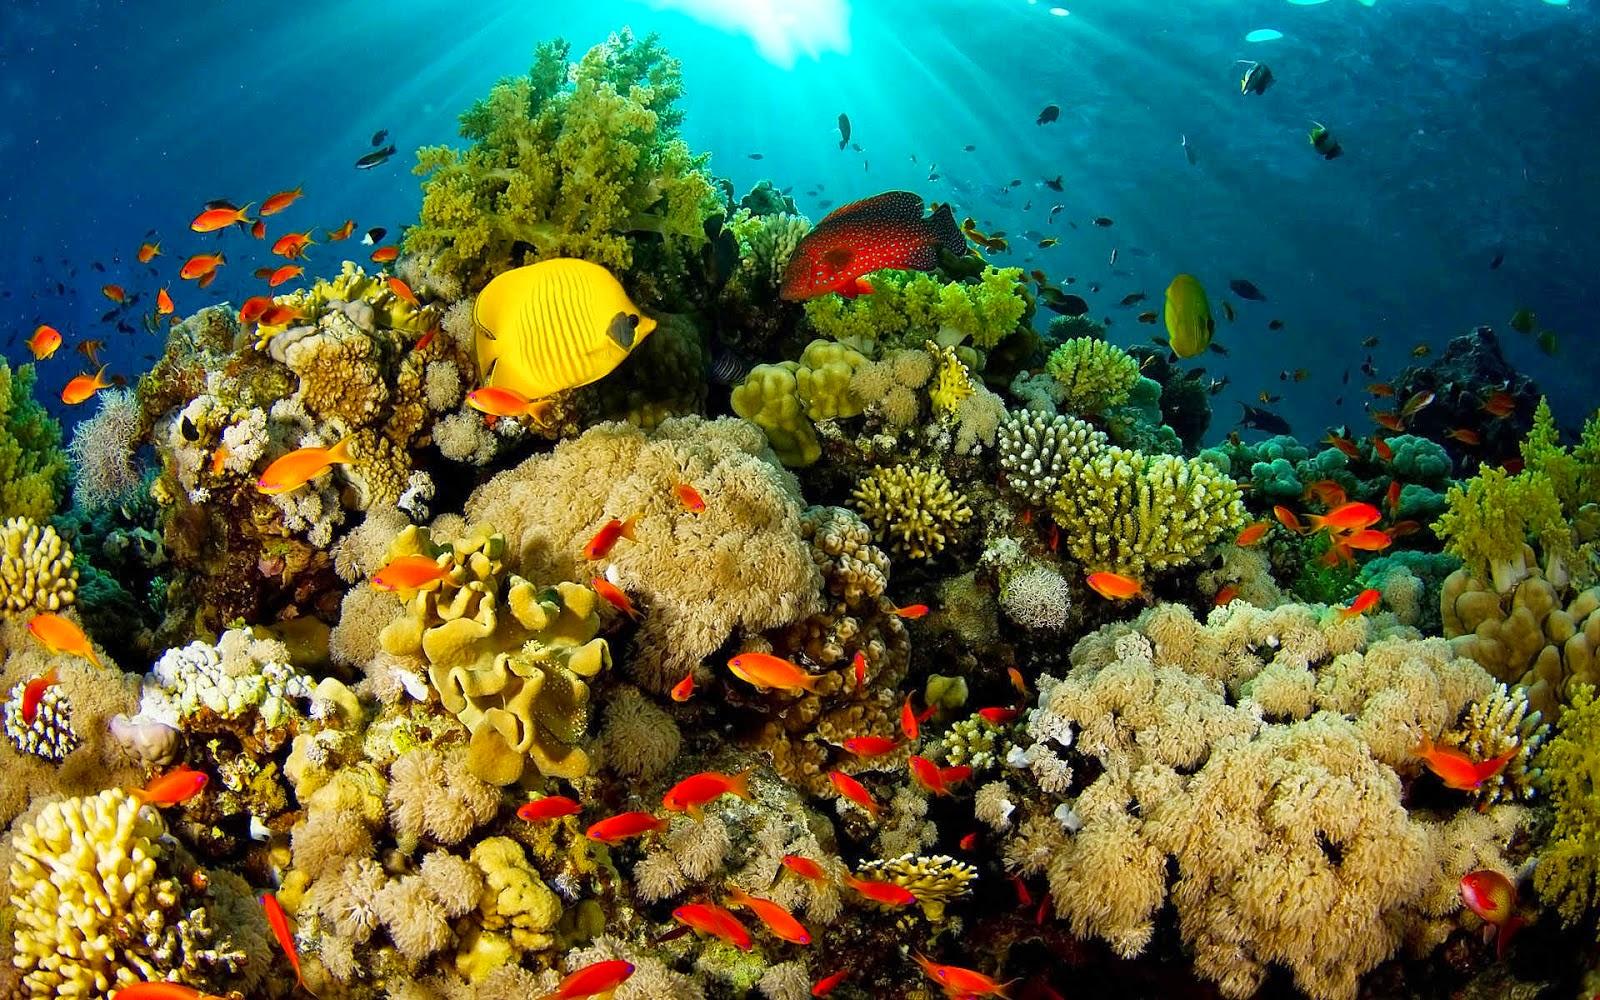 Arrecifes de coral en las Islas del Rosario estarían siendo destruidos con  dinamita